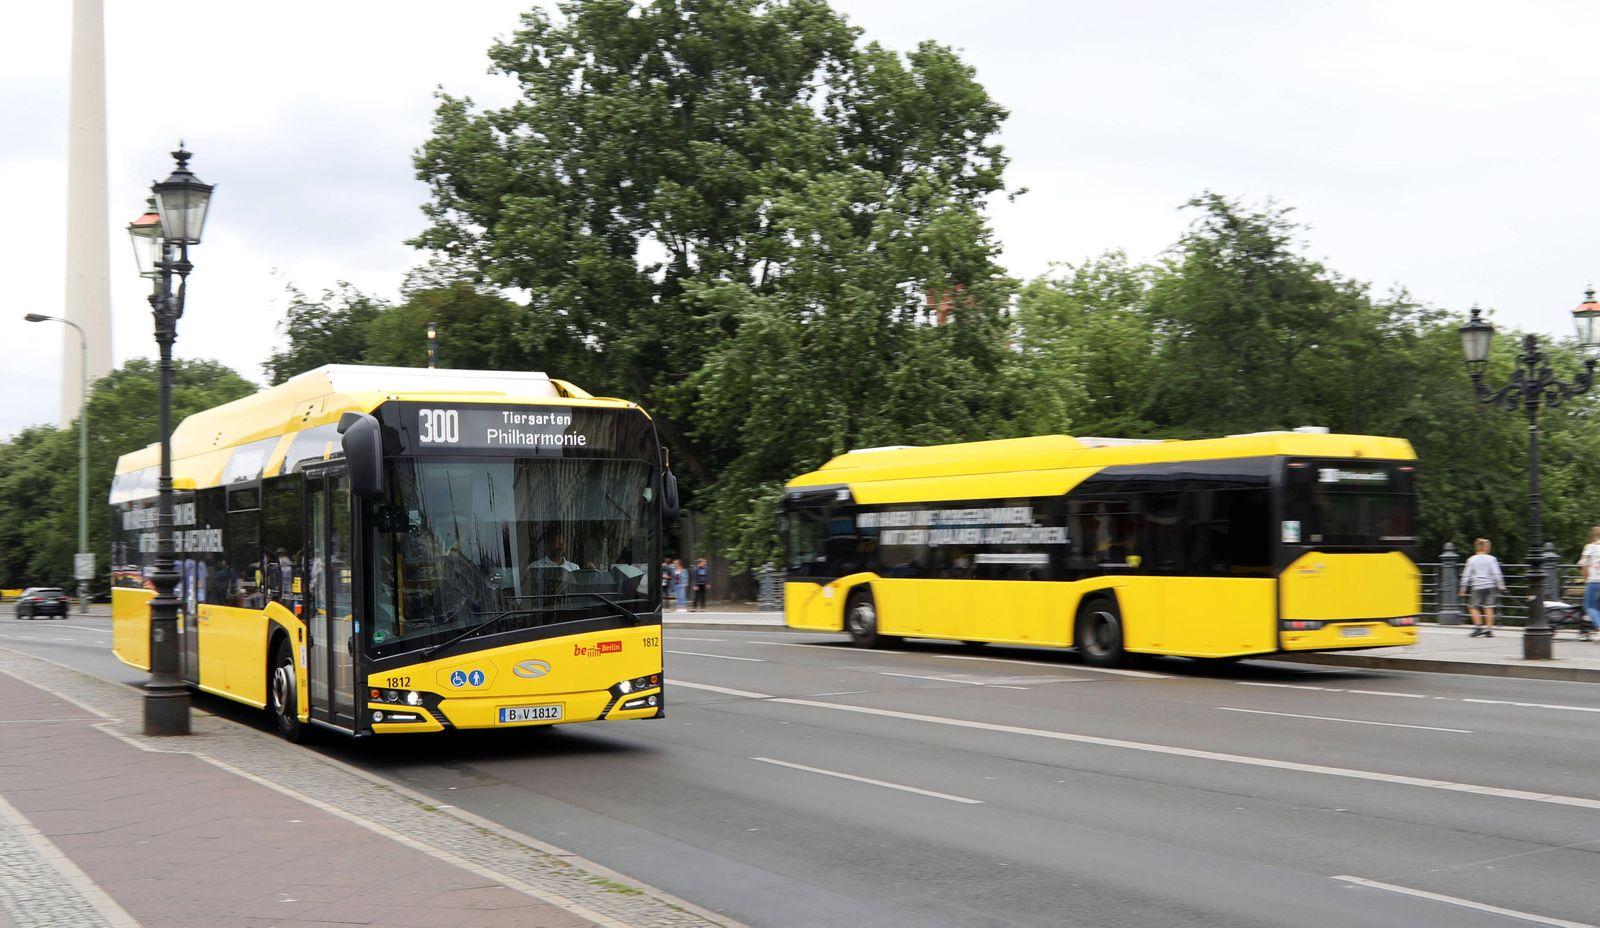 08.07.2020, Berlin - Deutschland. Die Elektrobuslinie 300 f?hrt umweltfreundlich mit Strom. *** 08 07 2020, Berlin Germa